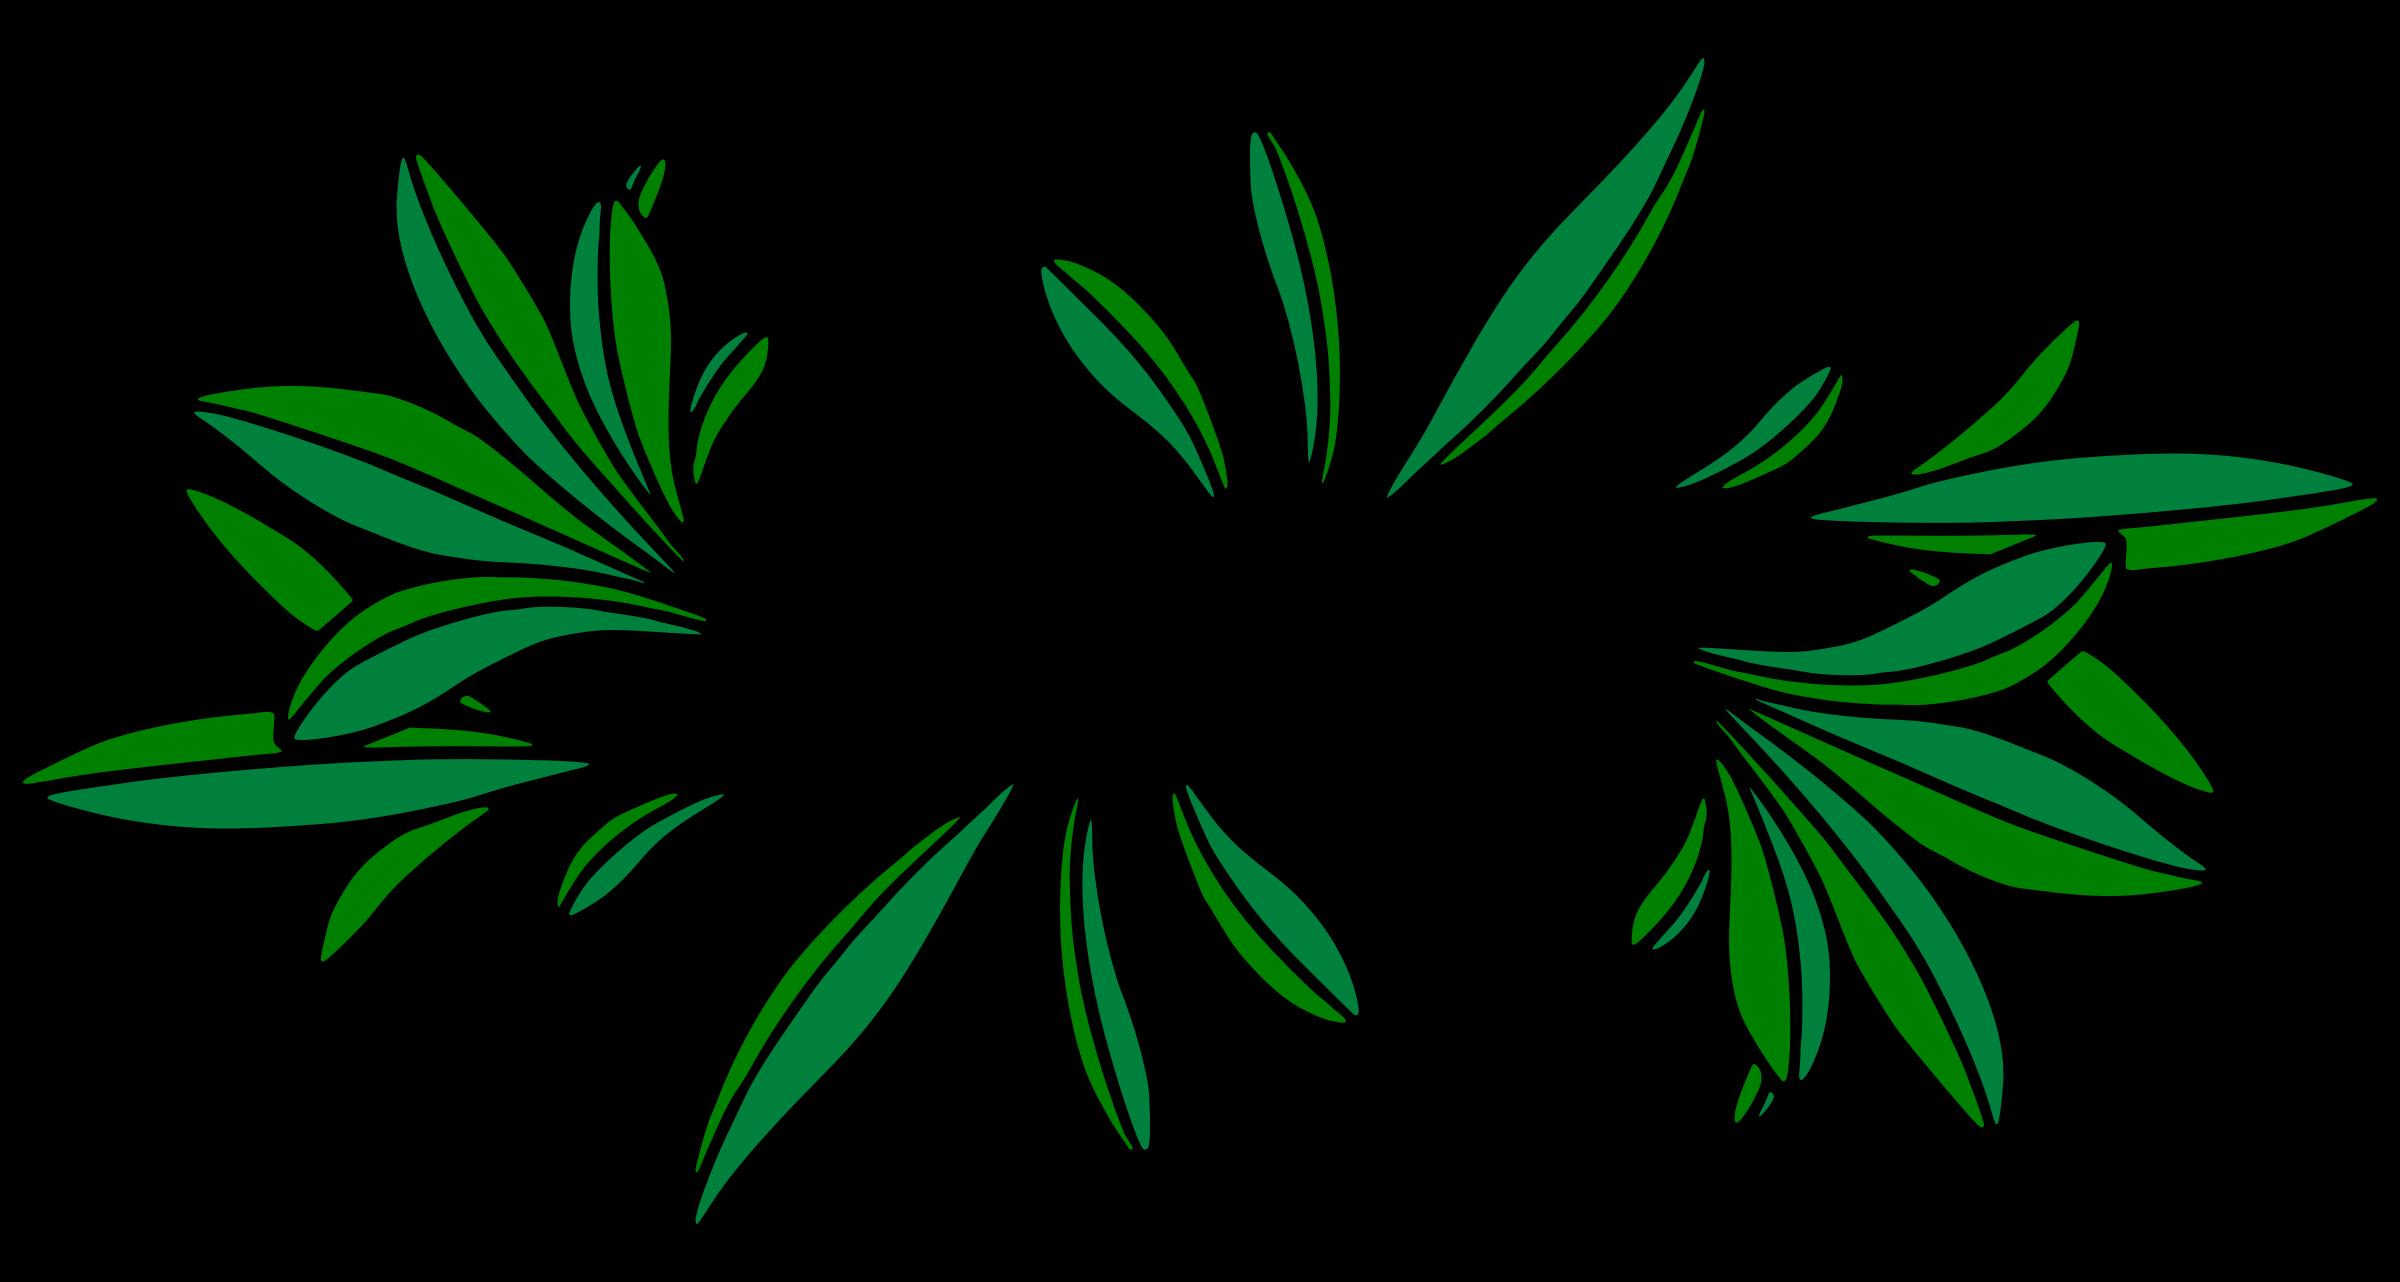 Design colour big image. Leaf clipart leafy greens